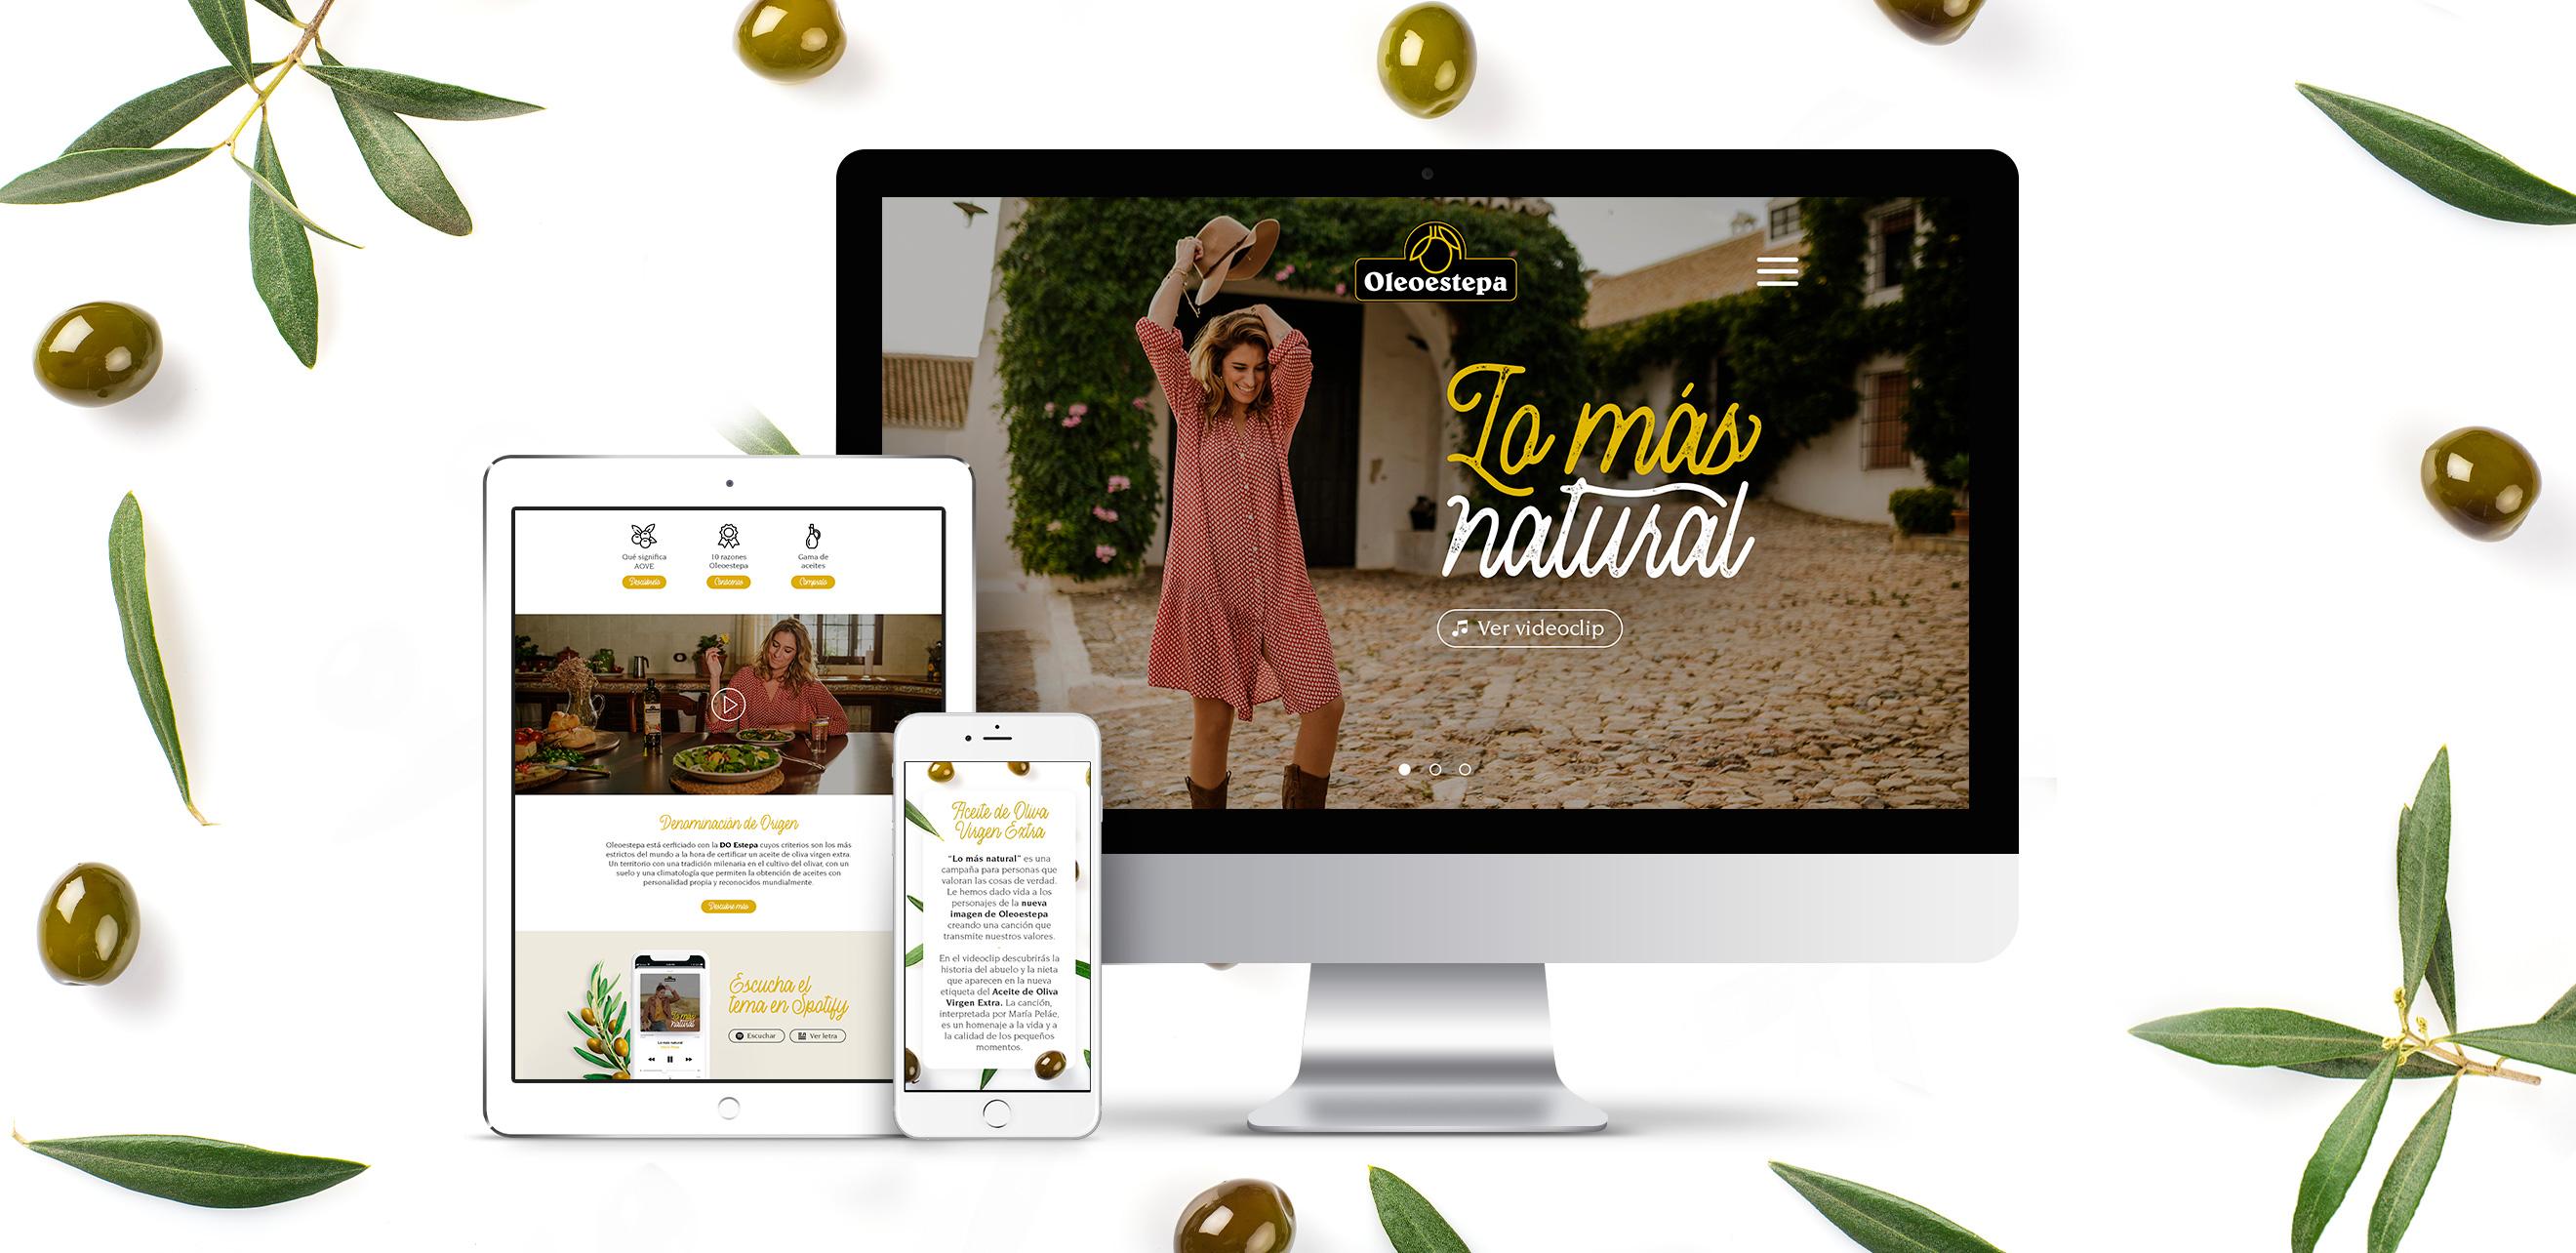 Campaña Corporativa de Marca | Agencia de Publicidad Madrid